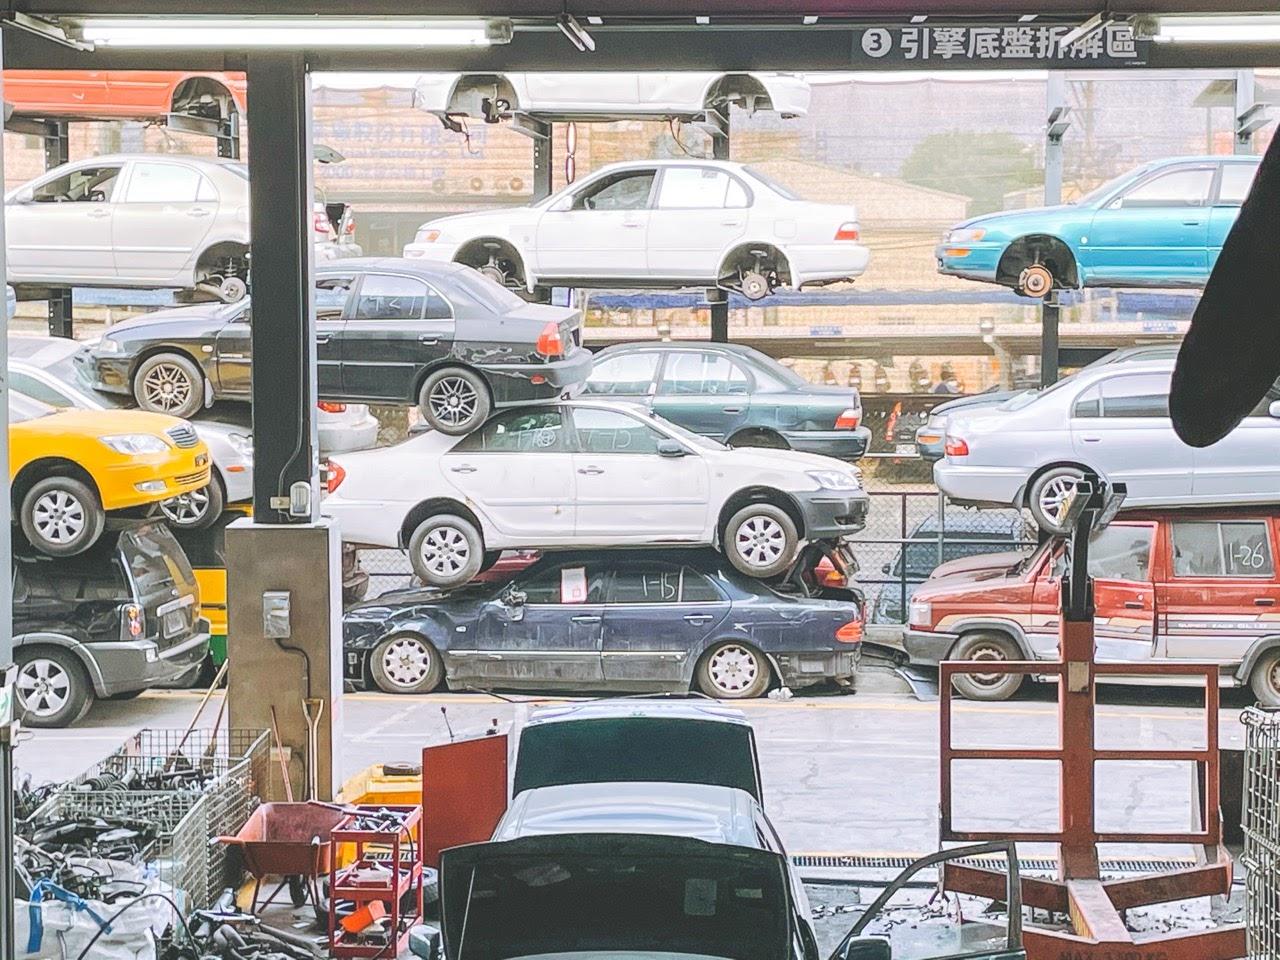 [台南][永康]Zero Zero 拆車夢工廠|走入魔幻星球的科幻場景|報廢車環保拆解再利用、寓教於樂親子景點|台南拍照打卡景點推薦